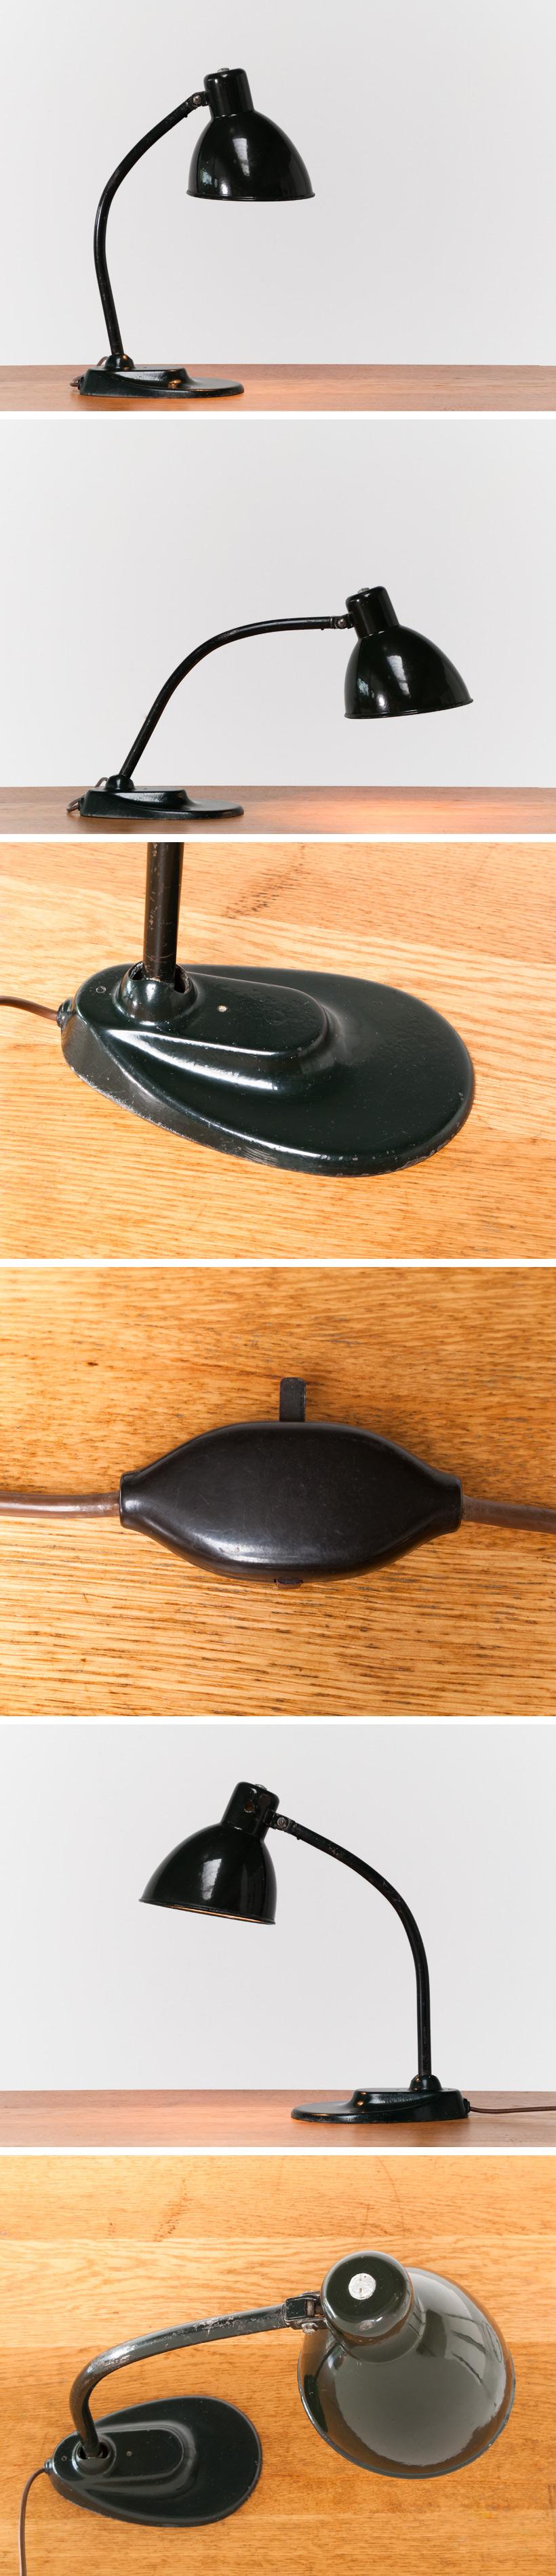 Marianne Brandt Kandem desk or table lamp Bauhaus Large